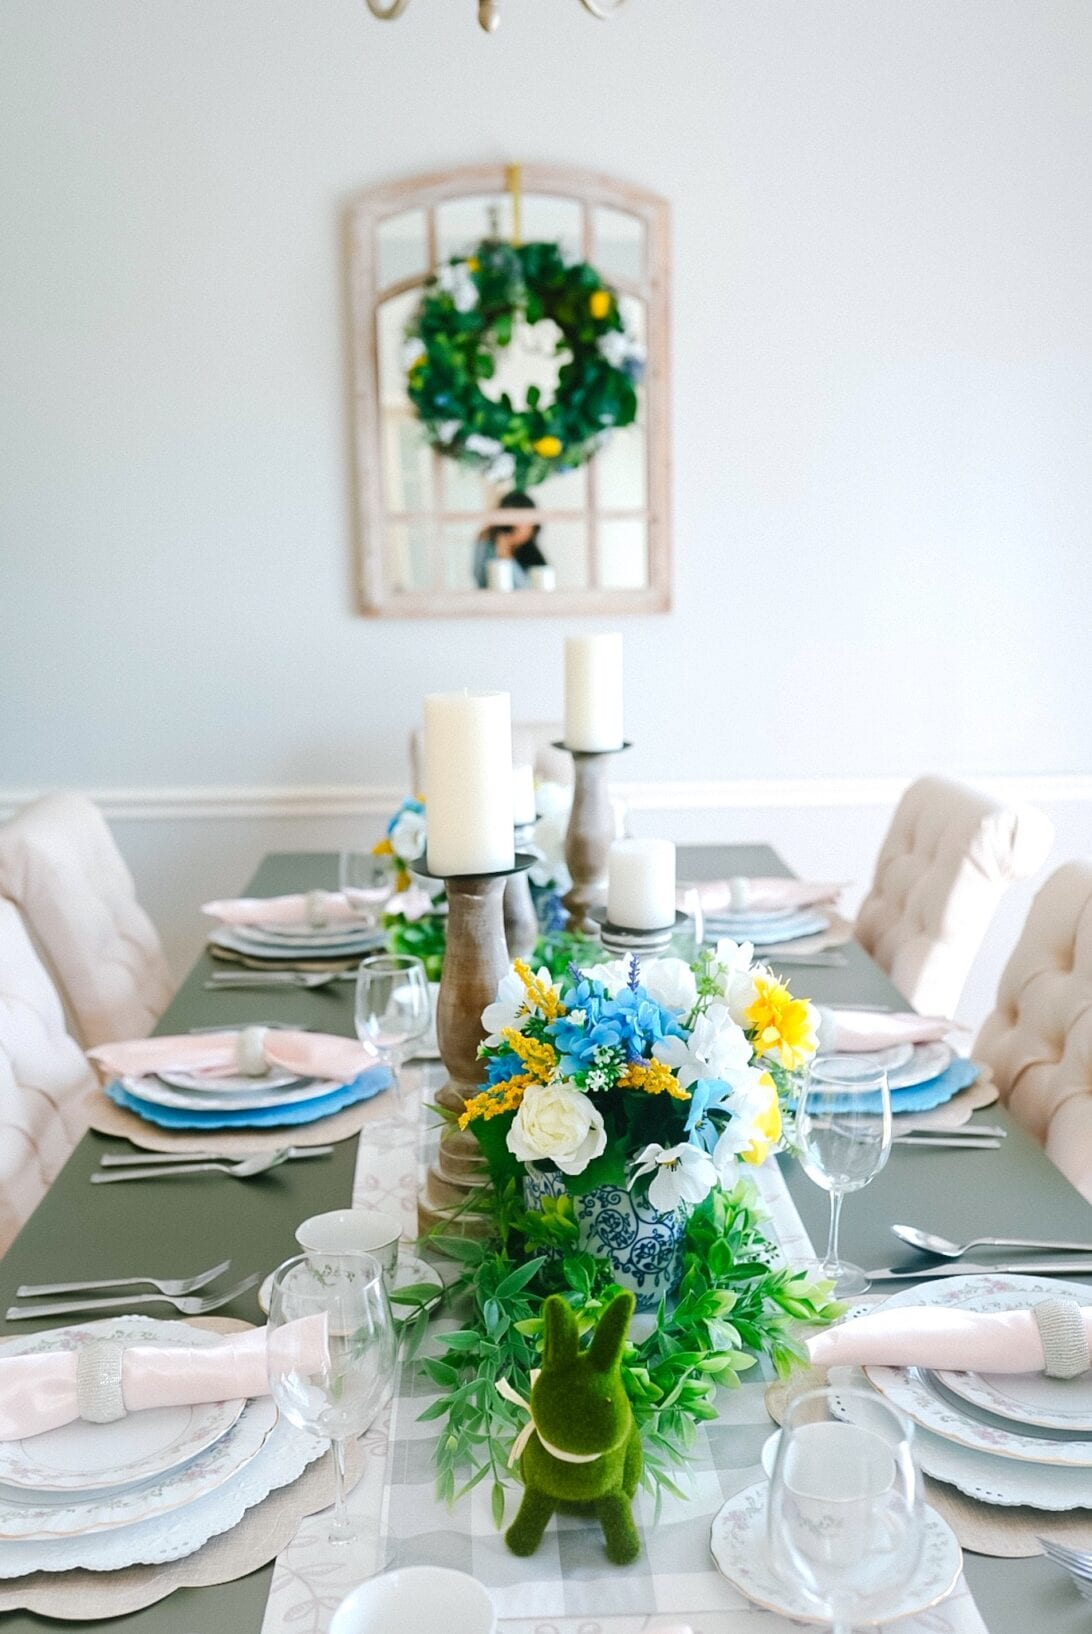 blue vase, china vase, floral vase, ginger jar, dining room mirror, wood candle holders